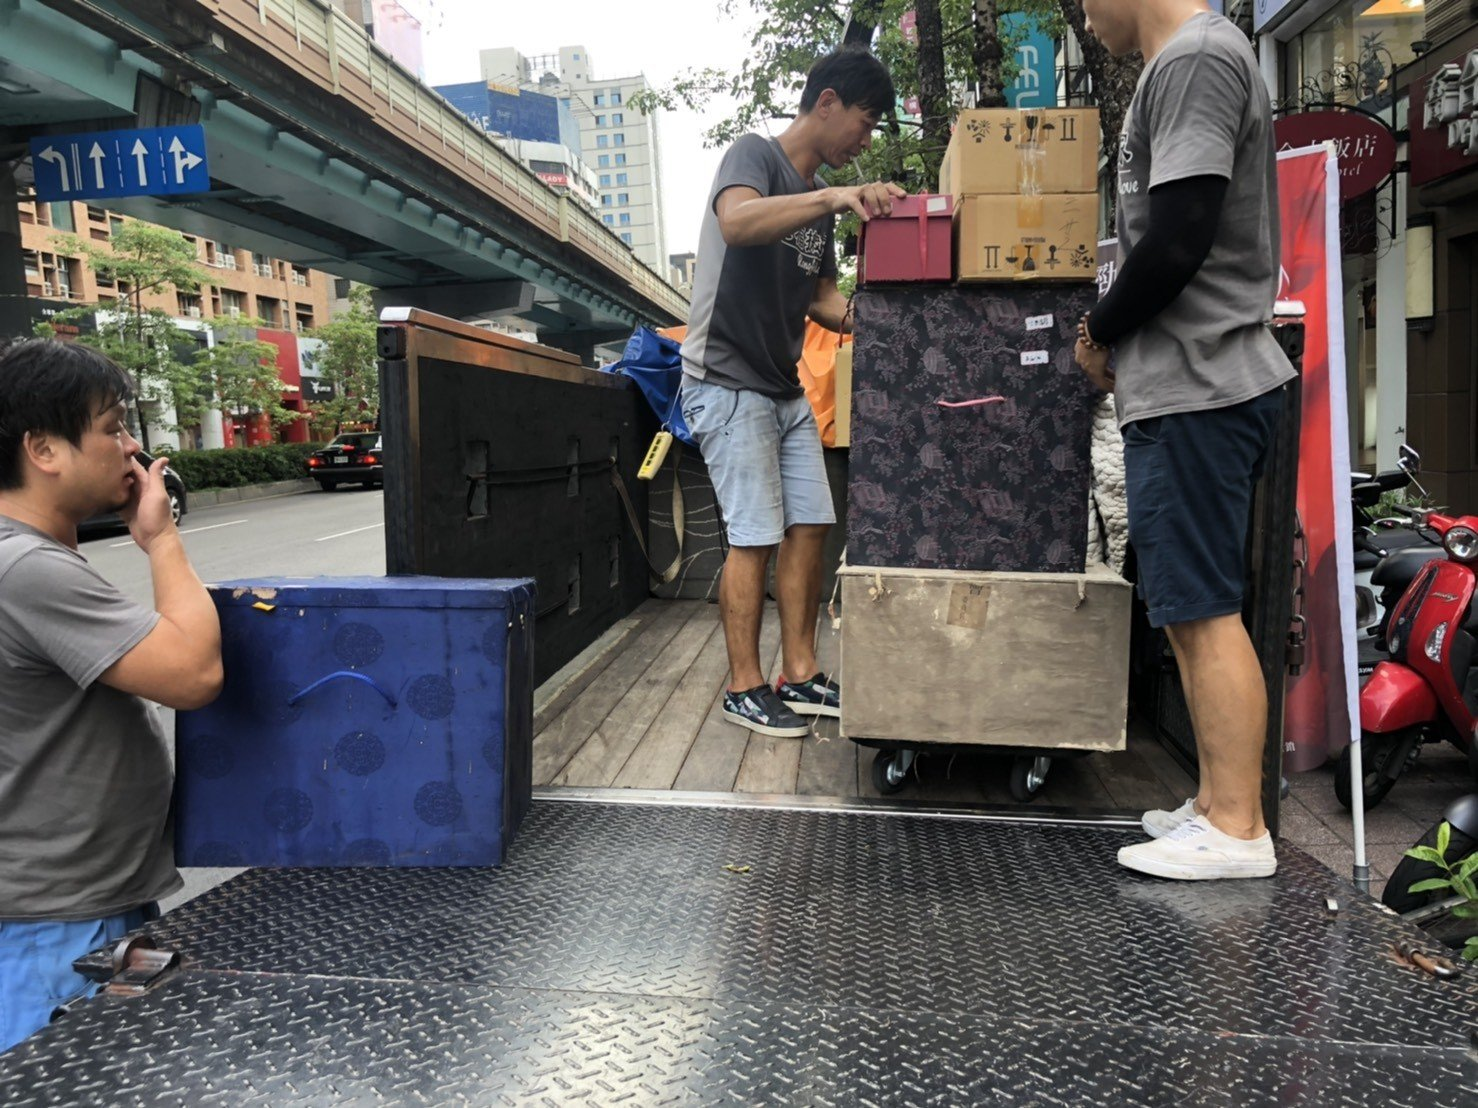 新北搬家公司【榮福搬家公司】台北搬家、值得您的推薦:佛像、佛塔、佛具、法器、雜物類包裝與搬運也是以最高品質來做服務。